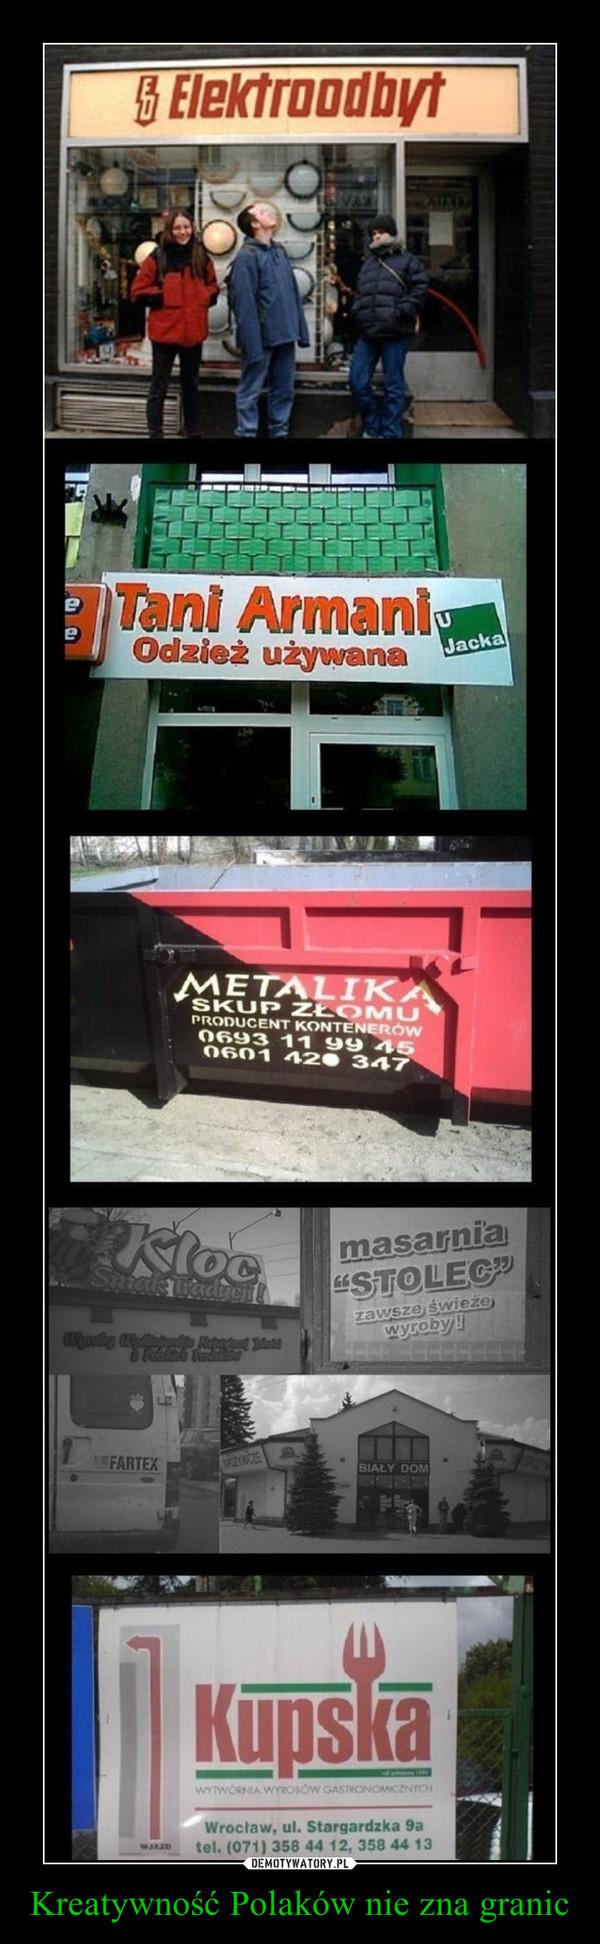 Kreatywność Polaków nie zna granic –